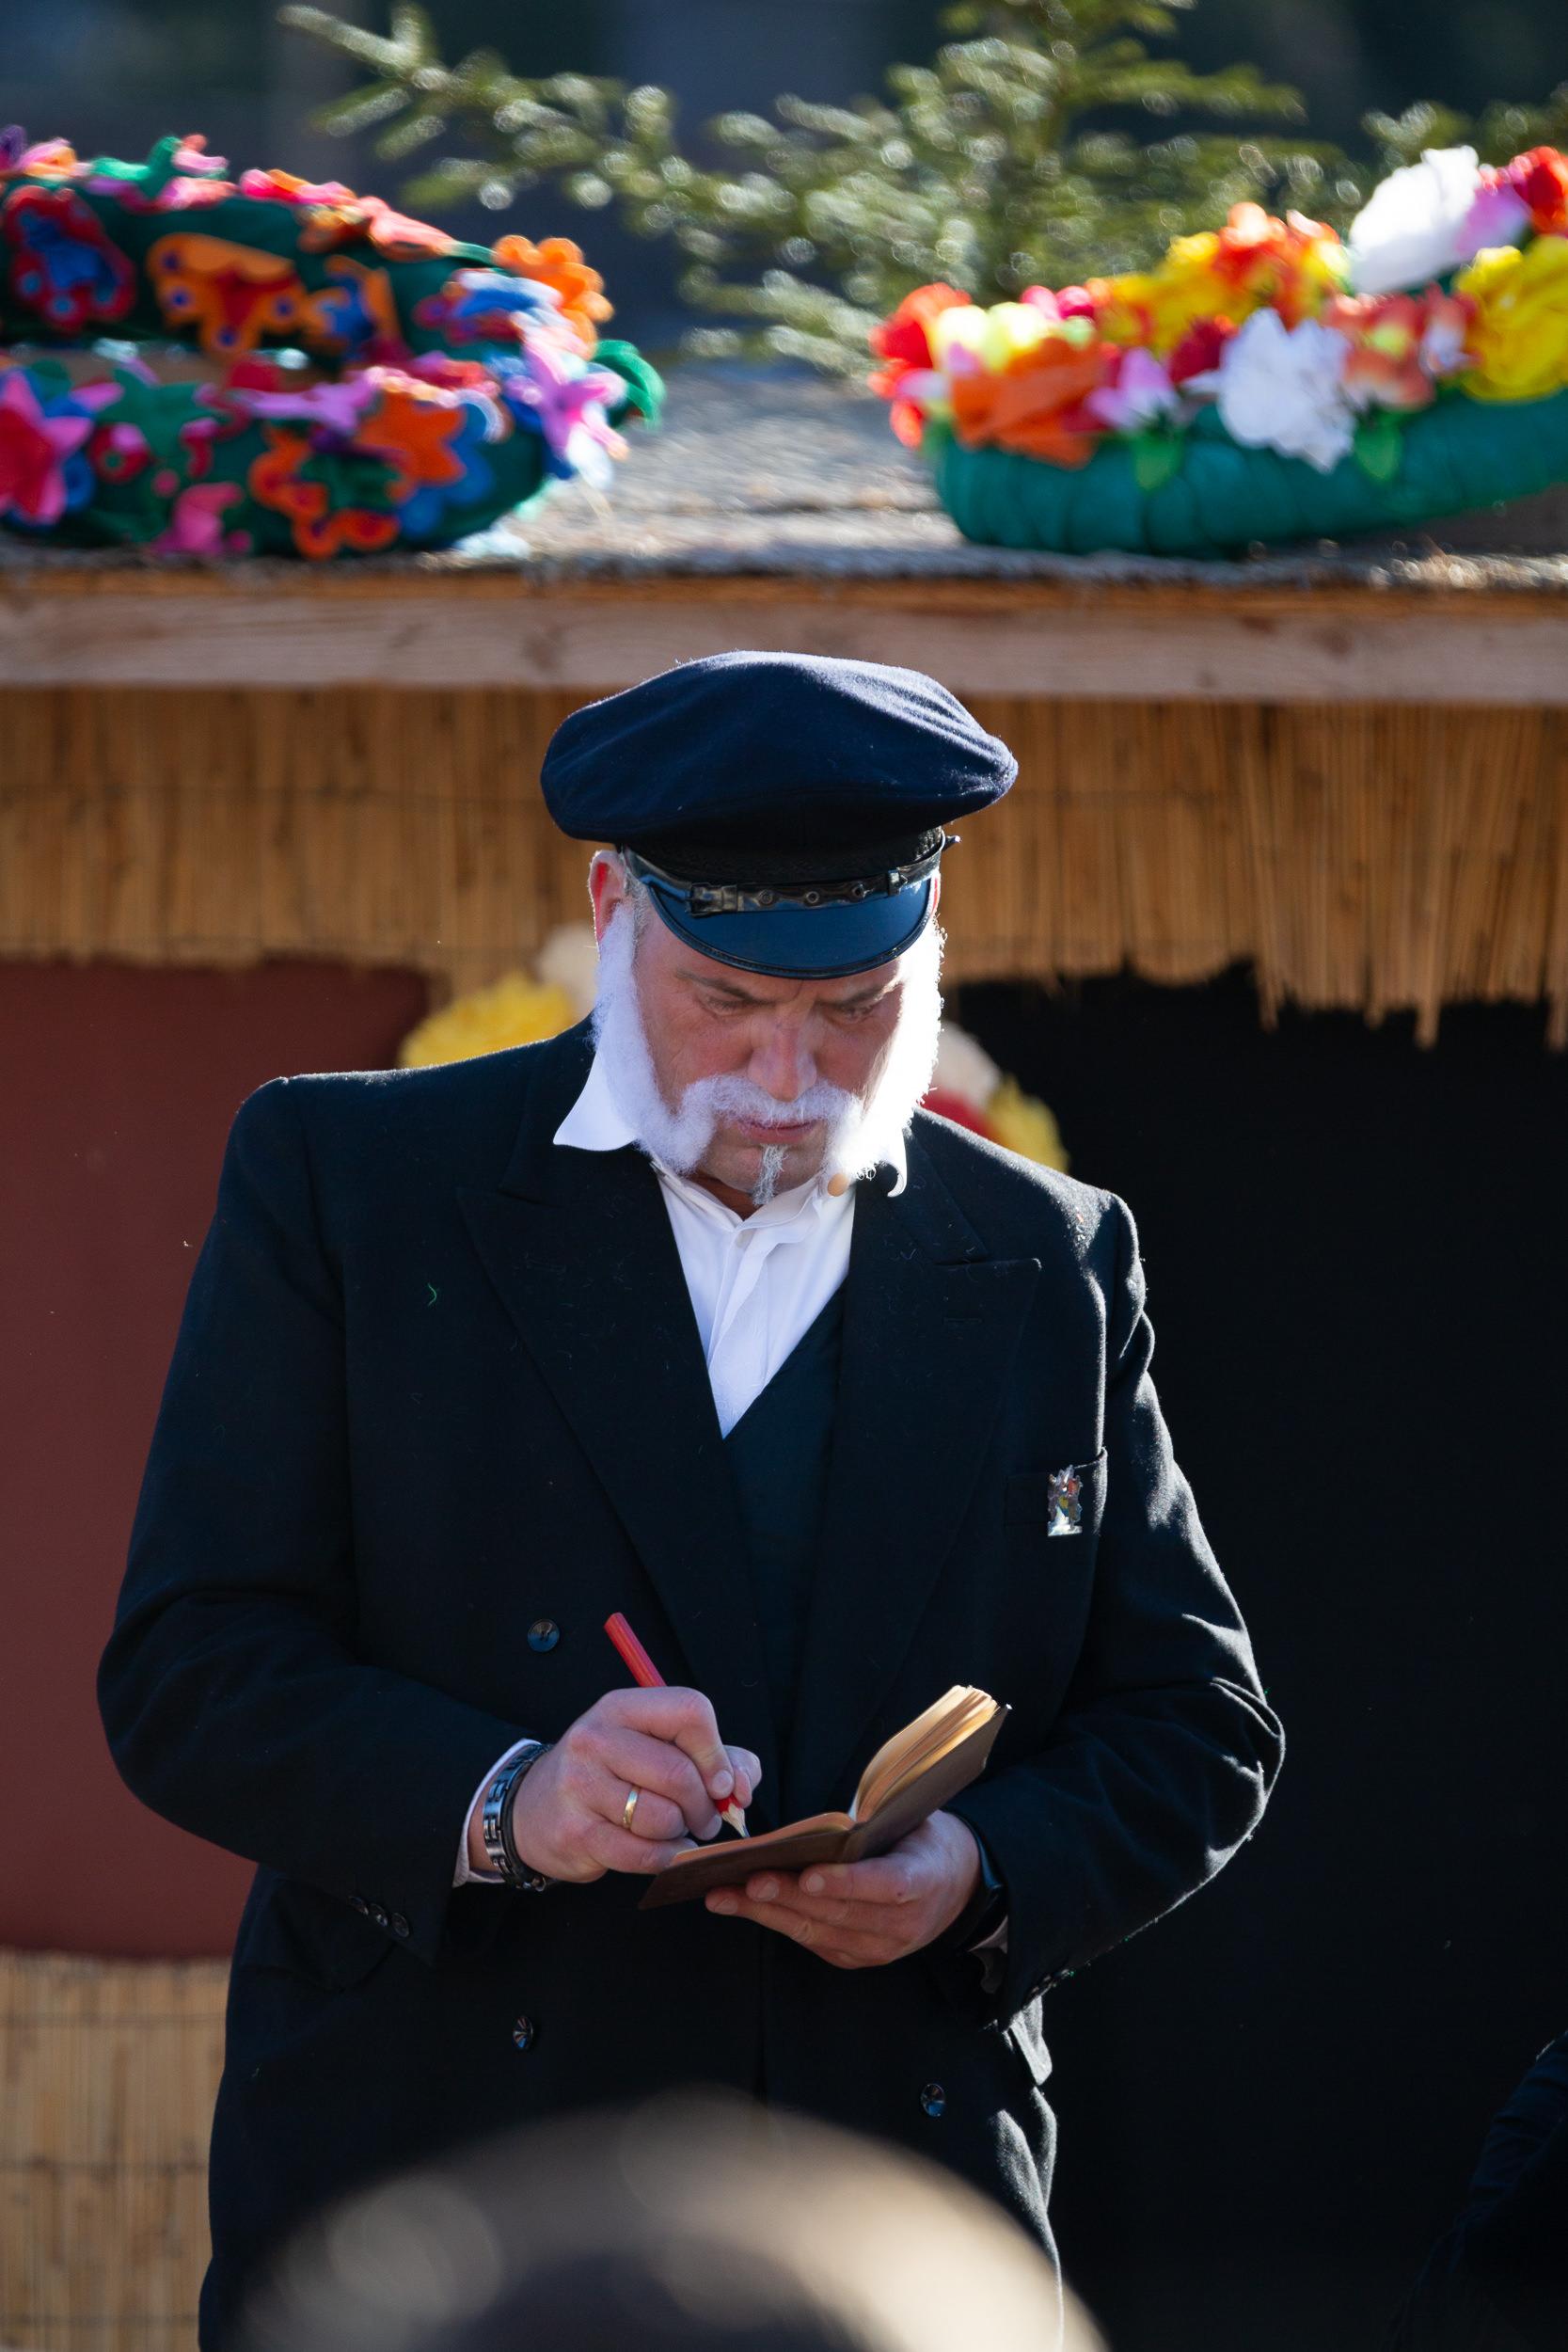 Schauspieler während einer Szene des Burladinger Fasnetsspiel.